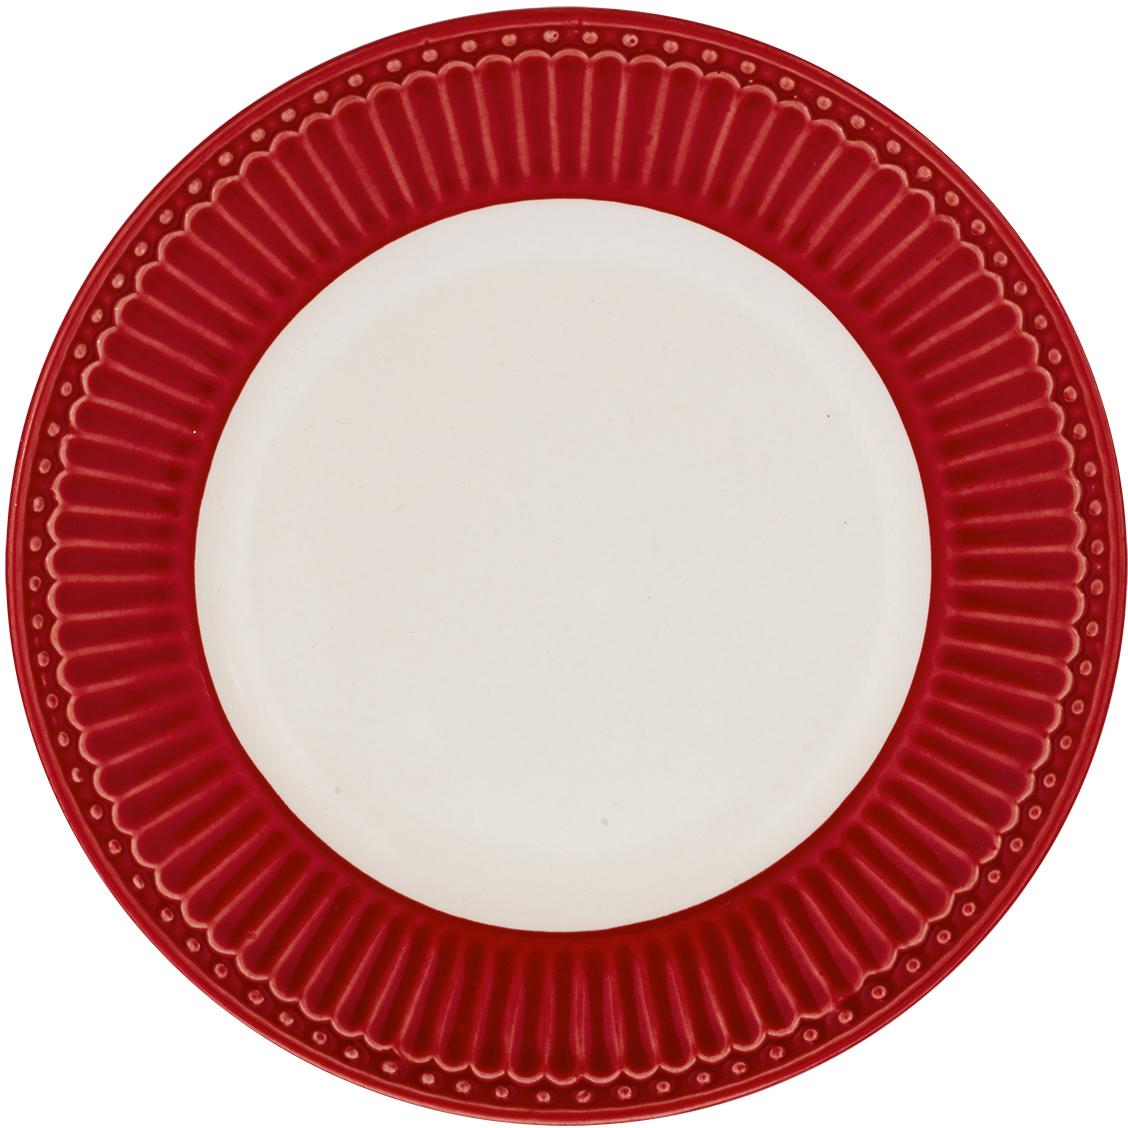 Десертная тарелка датского производства Alice red, выполненная из высококачественного фарфора, несомненно, станет украшением как праздничного стола, так и повседневной сервировки.  Базовая коллекция Alice создана для идеального сочетания посуды ранних и будущих коллекций Greengate. Впервые появилась в каталогах в 2016 году и с тех пор завоевала миллионы сердец своей универсальностью, зефирной нежностью и разнообразием посудной линейки. Коллекция Alice в пастельных тонах (pink, blue, green) превосходно сочетается как между собой, так и с классическими цветочными принтами, разбавляет их и облегчает композицию. Солнечный желтый цвет Alice pale yellow в сервировке вносит свежесть и яркость погожего летнего денька. Выполнена из высококачественного фарфора, устойчивого к сколам, допускается использование в посудомоечной машине и микроволновой печи. Коллекция Alice – это беспроигрышный вариант как для знакомства с коллекционной посудой Greengate, так и для принципа «mix and match» (смешивай и сочетай).